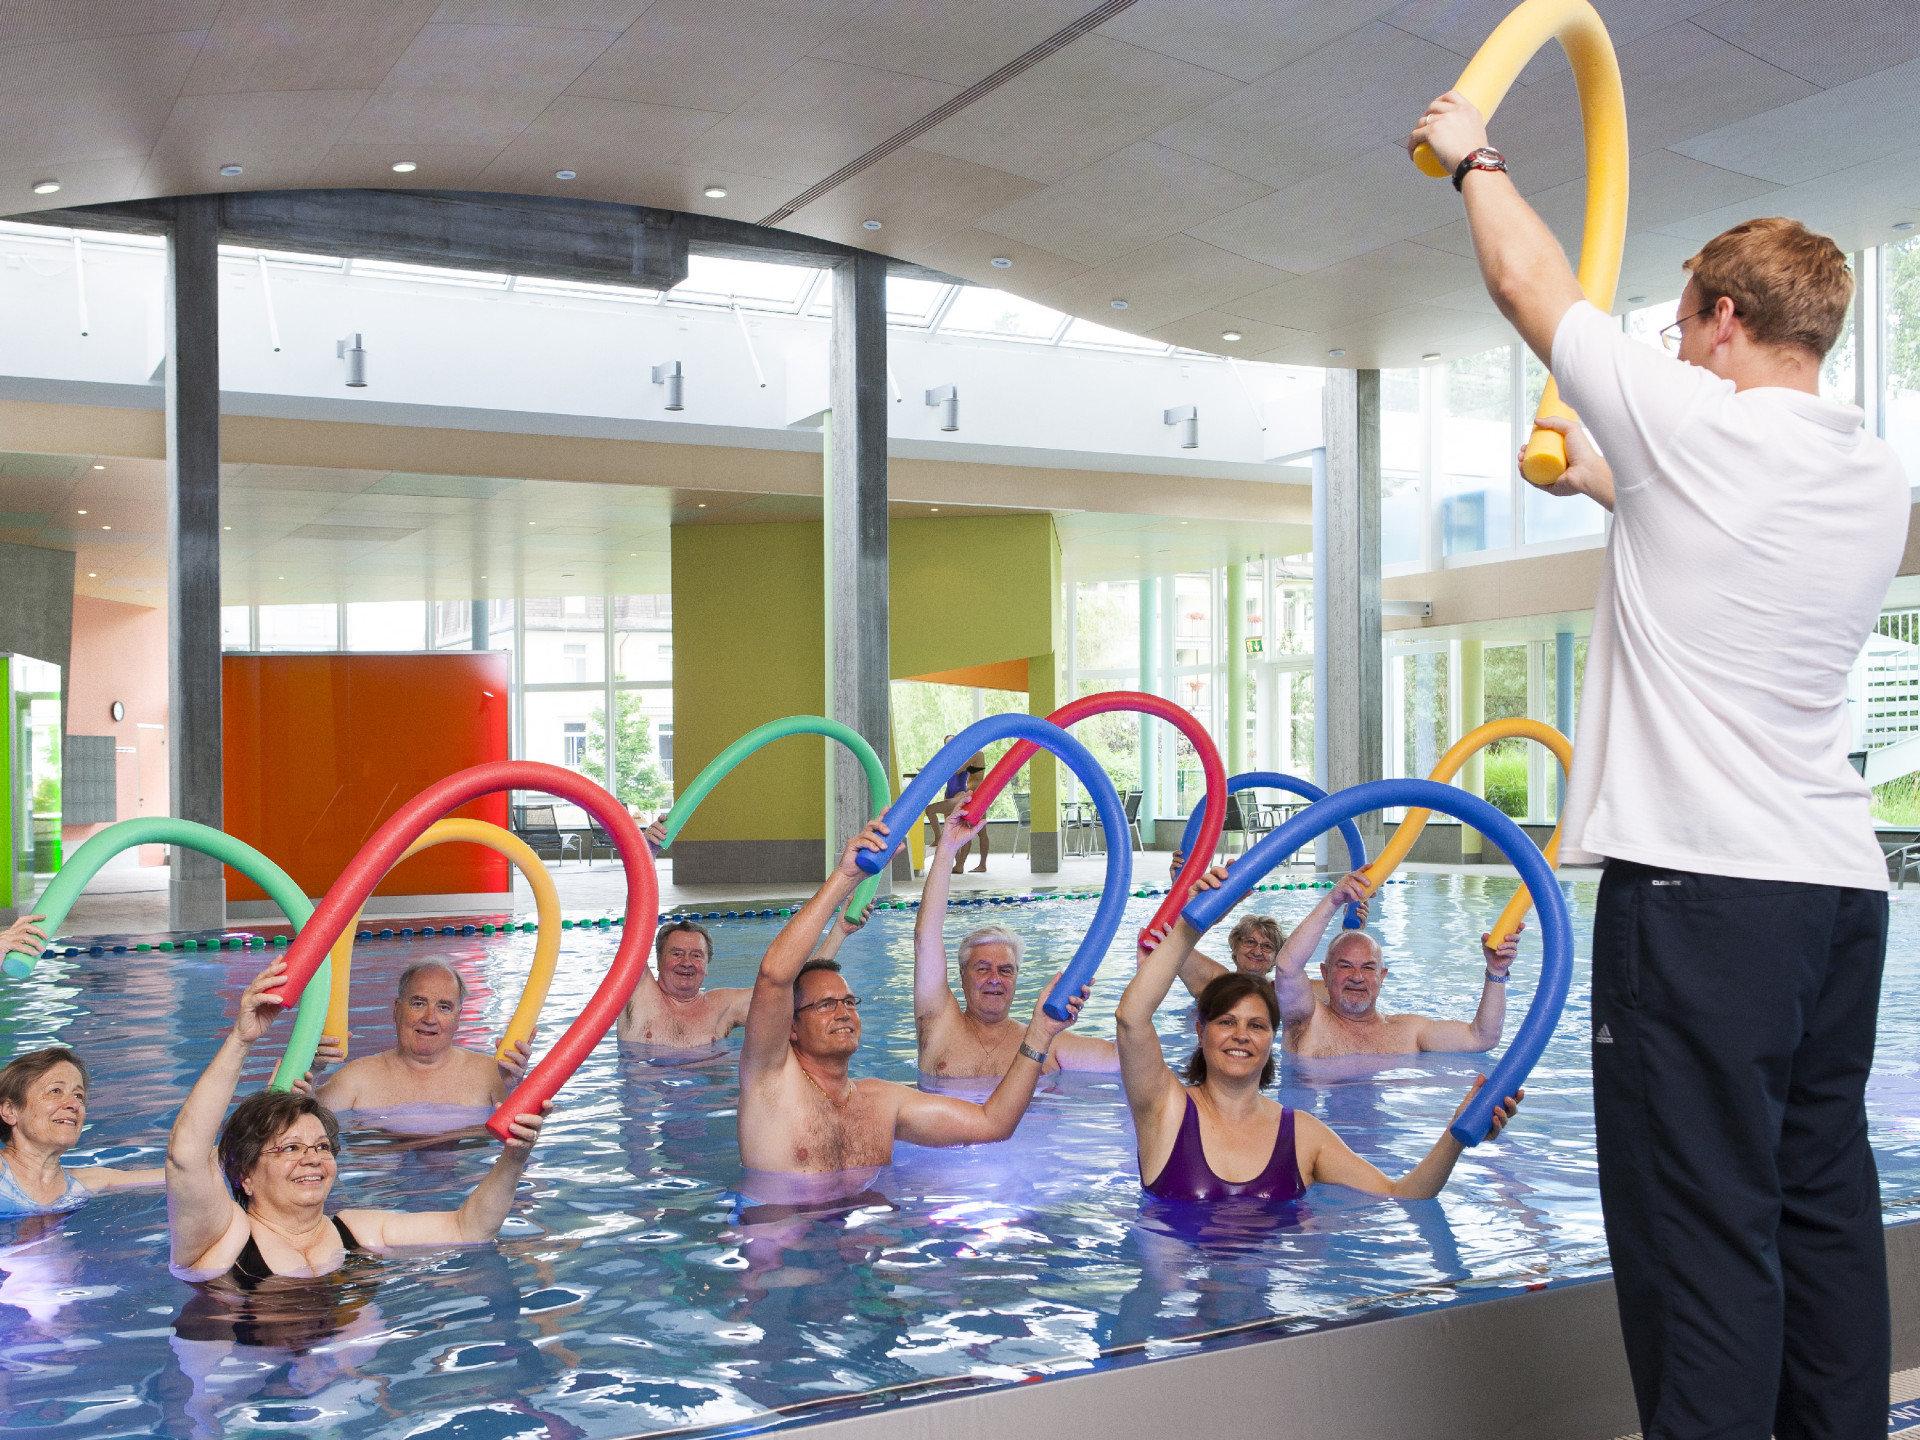 Physiotherapeut zeigt Übung vor Gruppe im Wasser